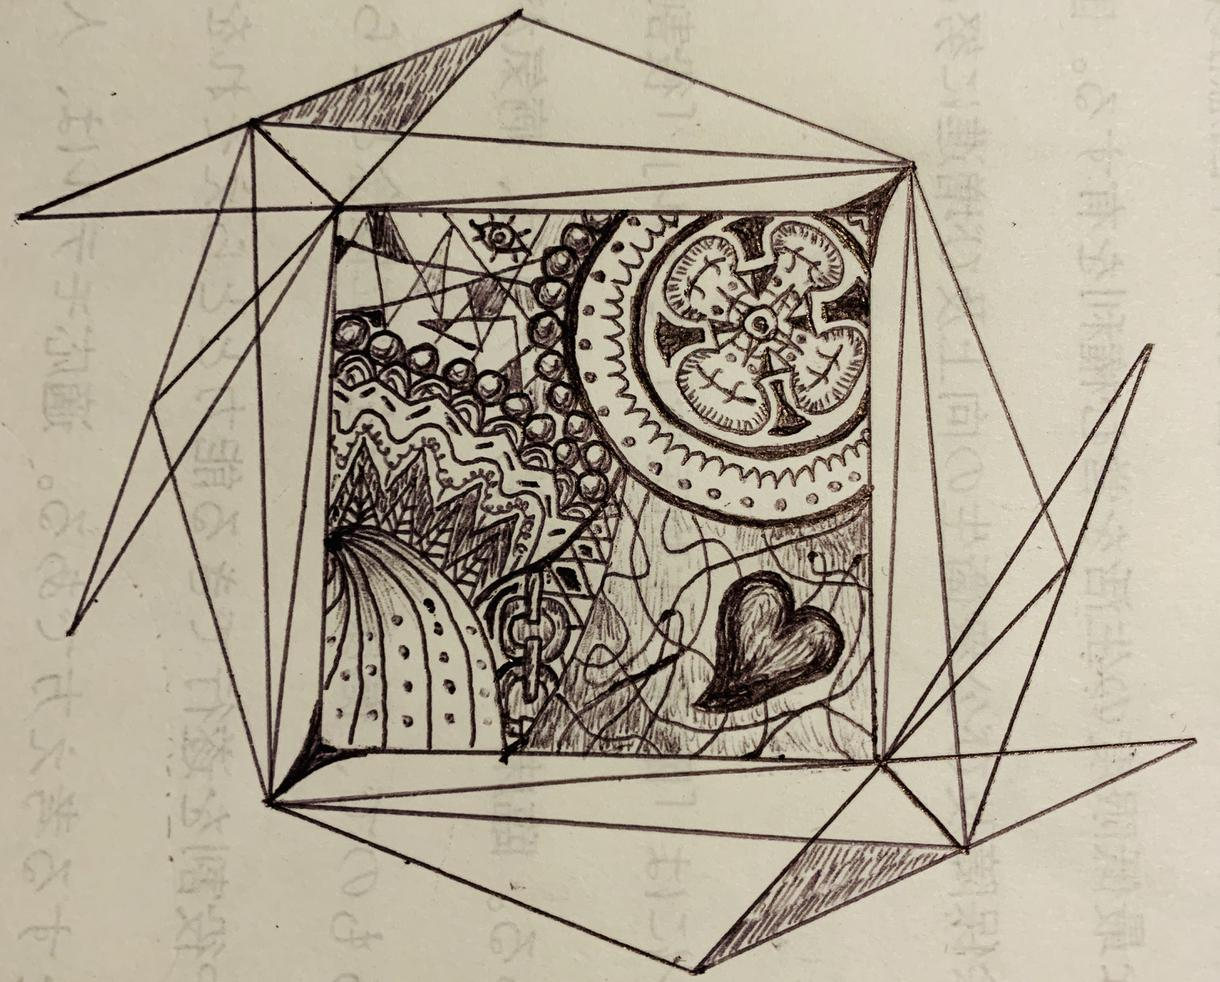 蝶、花、人などの変わったボールペン画を描きます 普通の大学生が趣味で描く変な絵